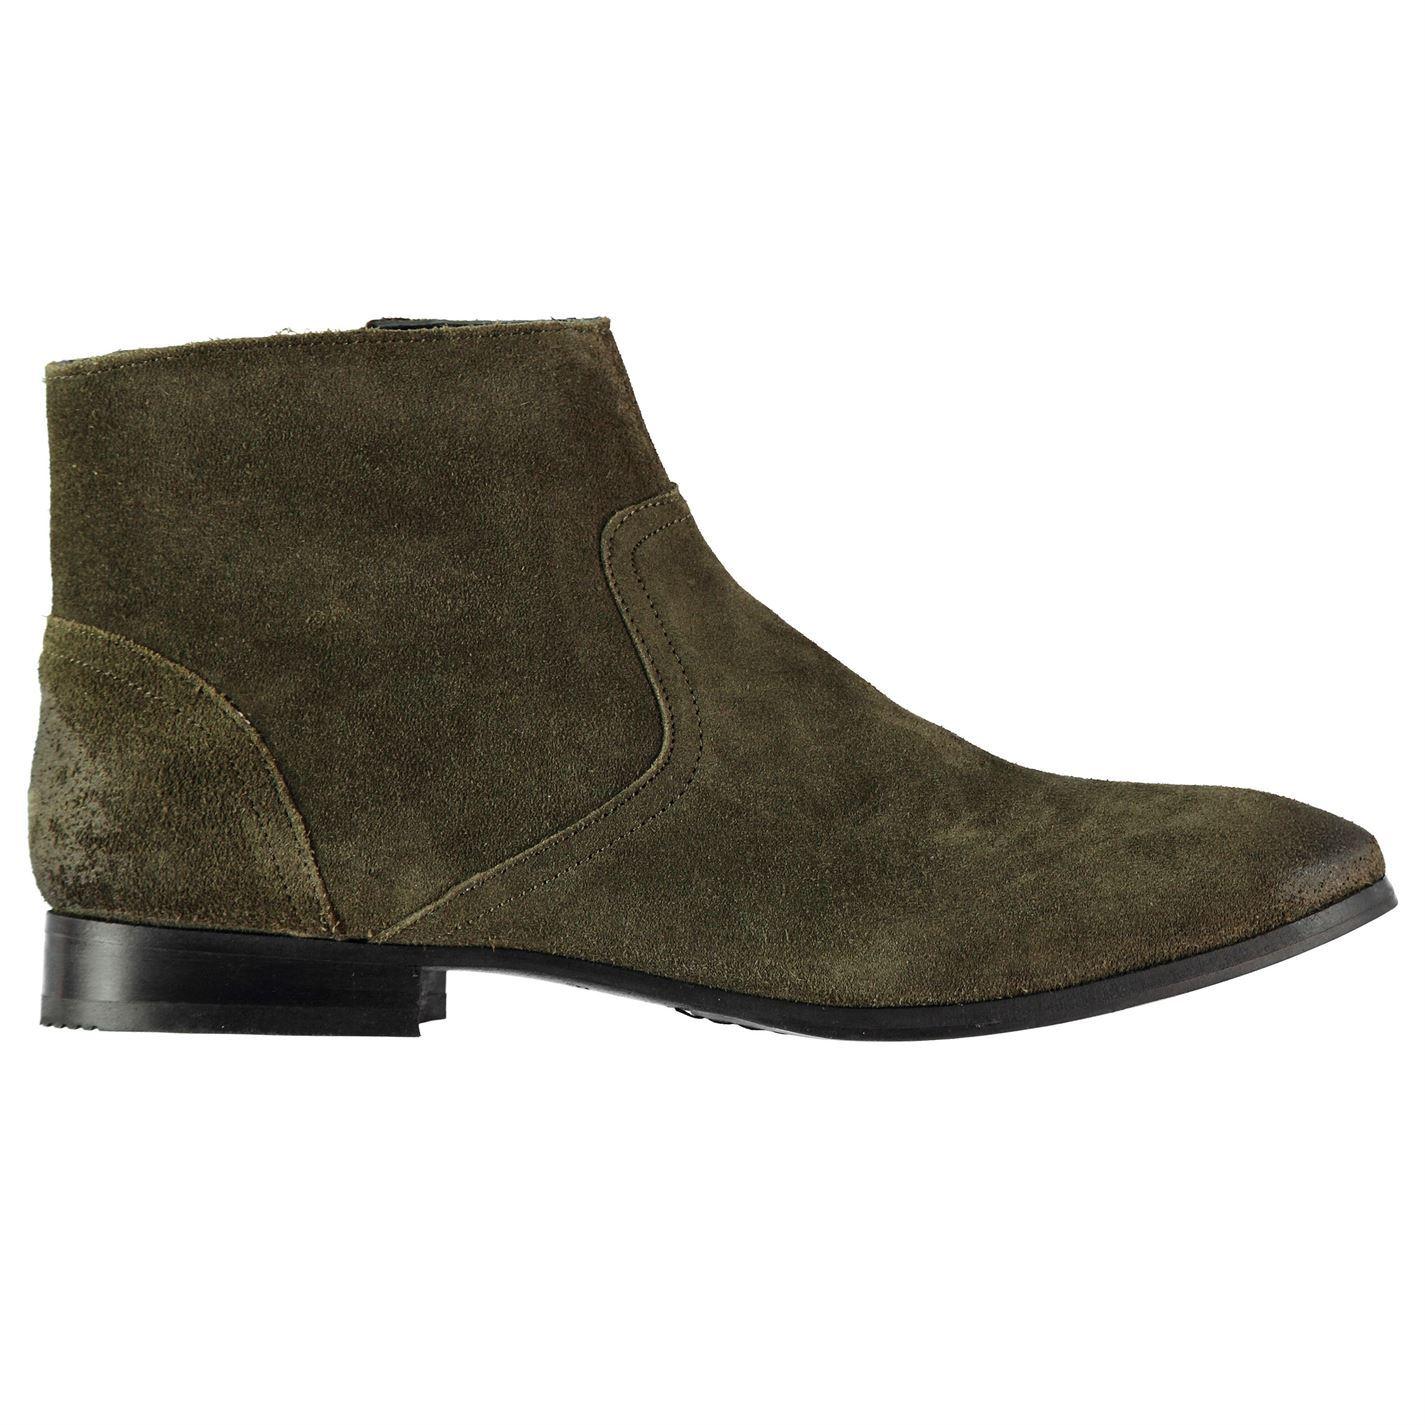 Stiefel Uomo Frank Wright Faraday Stiefel  Chelsea Zip New 7c885f